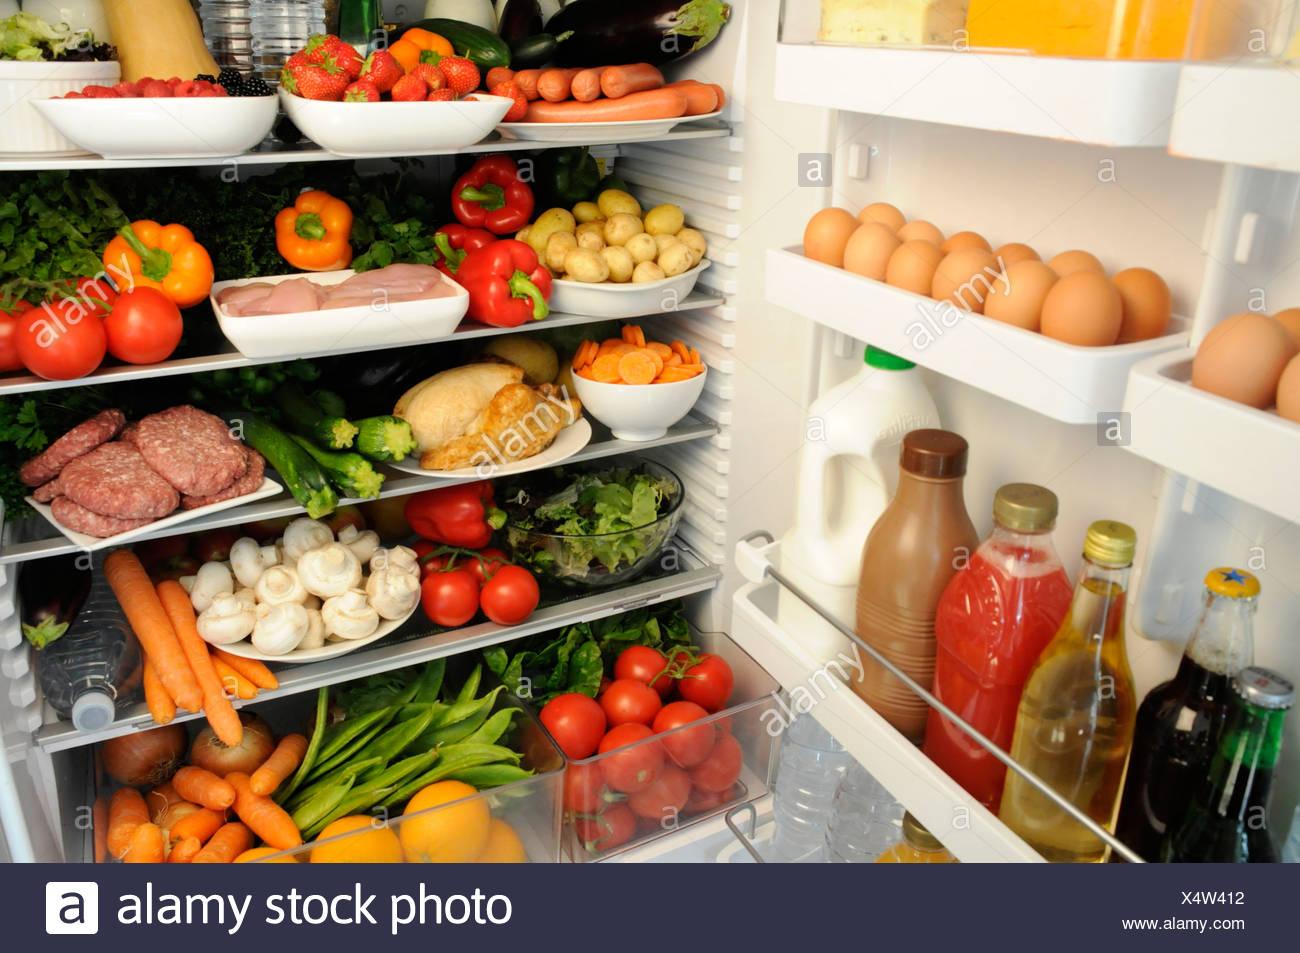 Vista interior de la nevera con estantes llenos de alimentos frescos Imagen De Stock